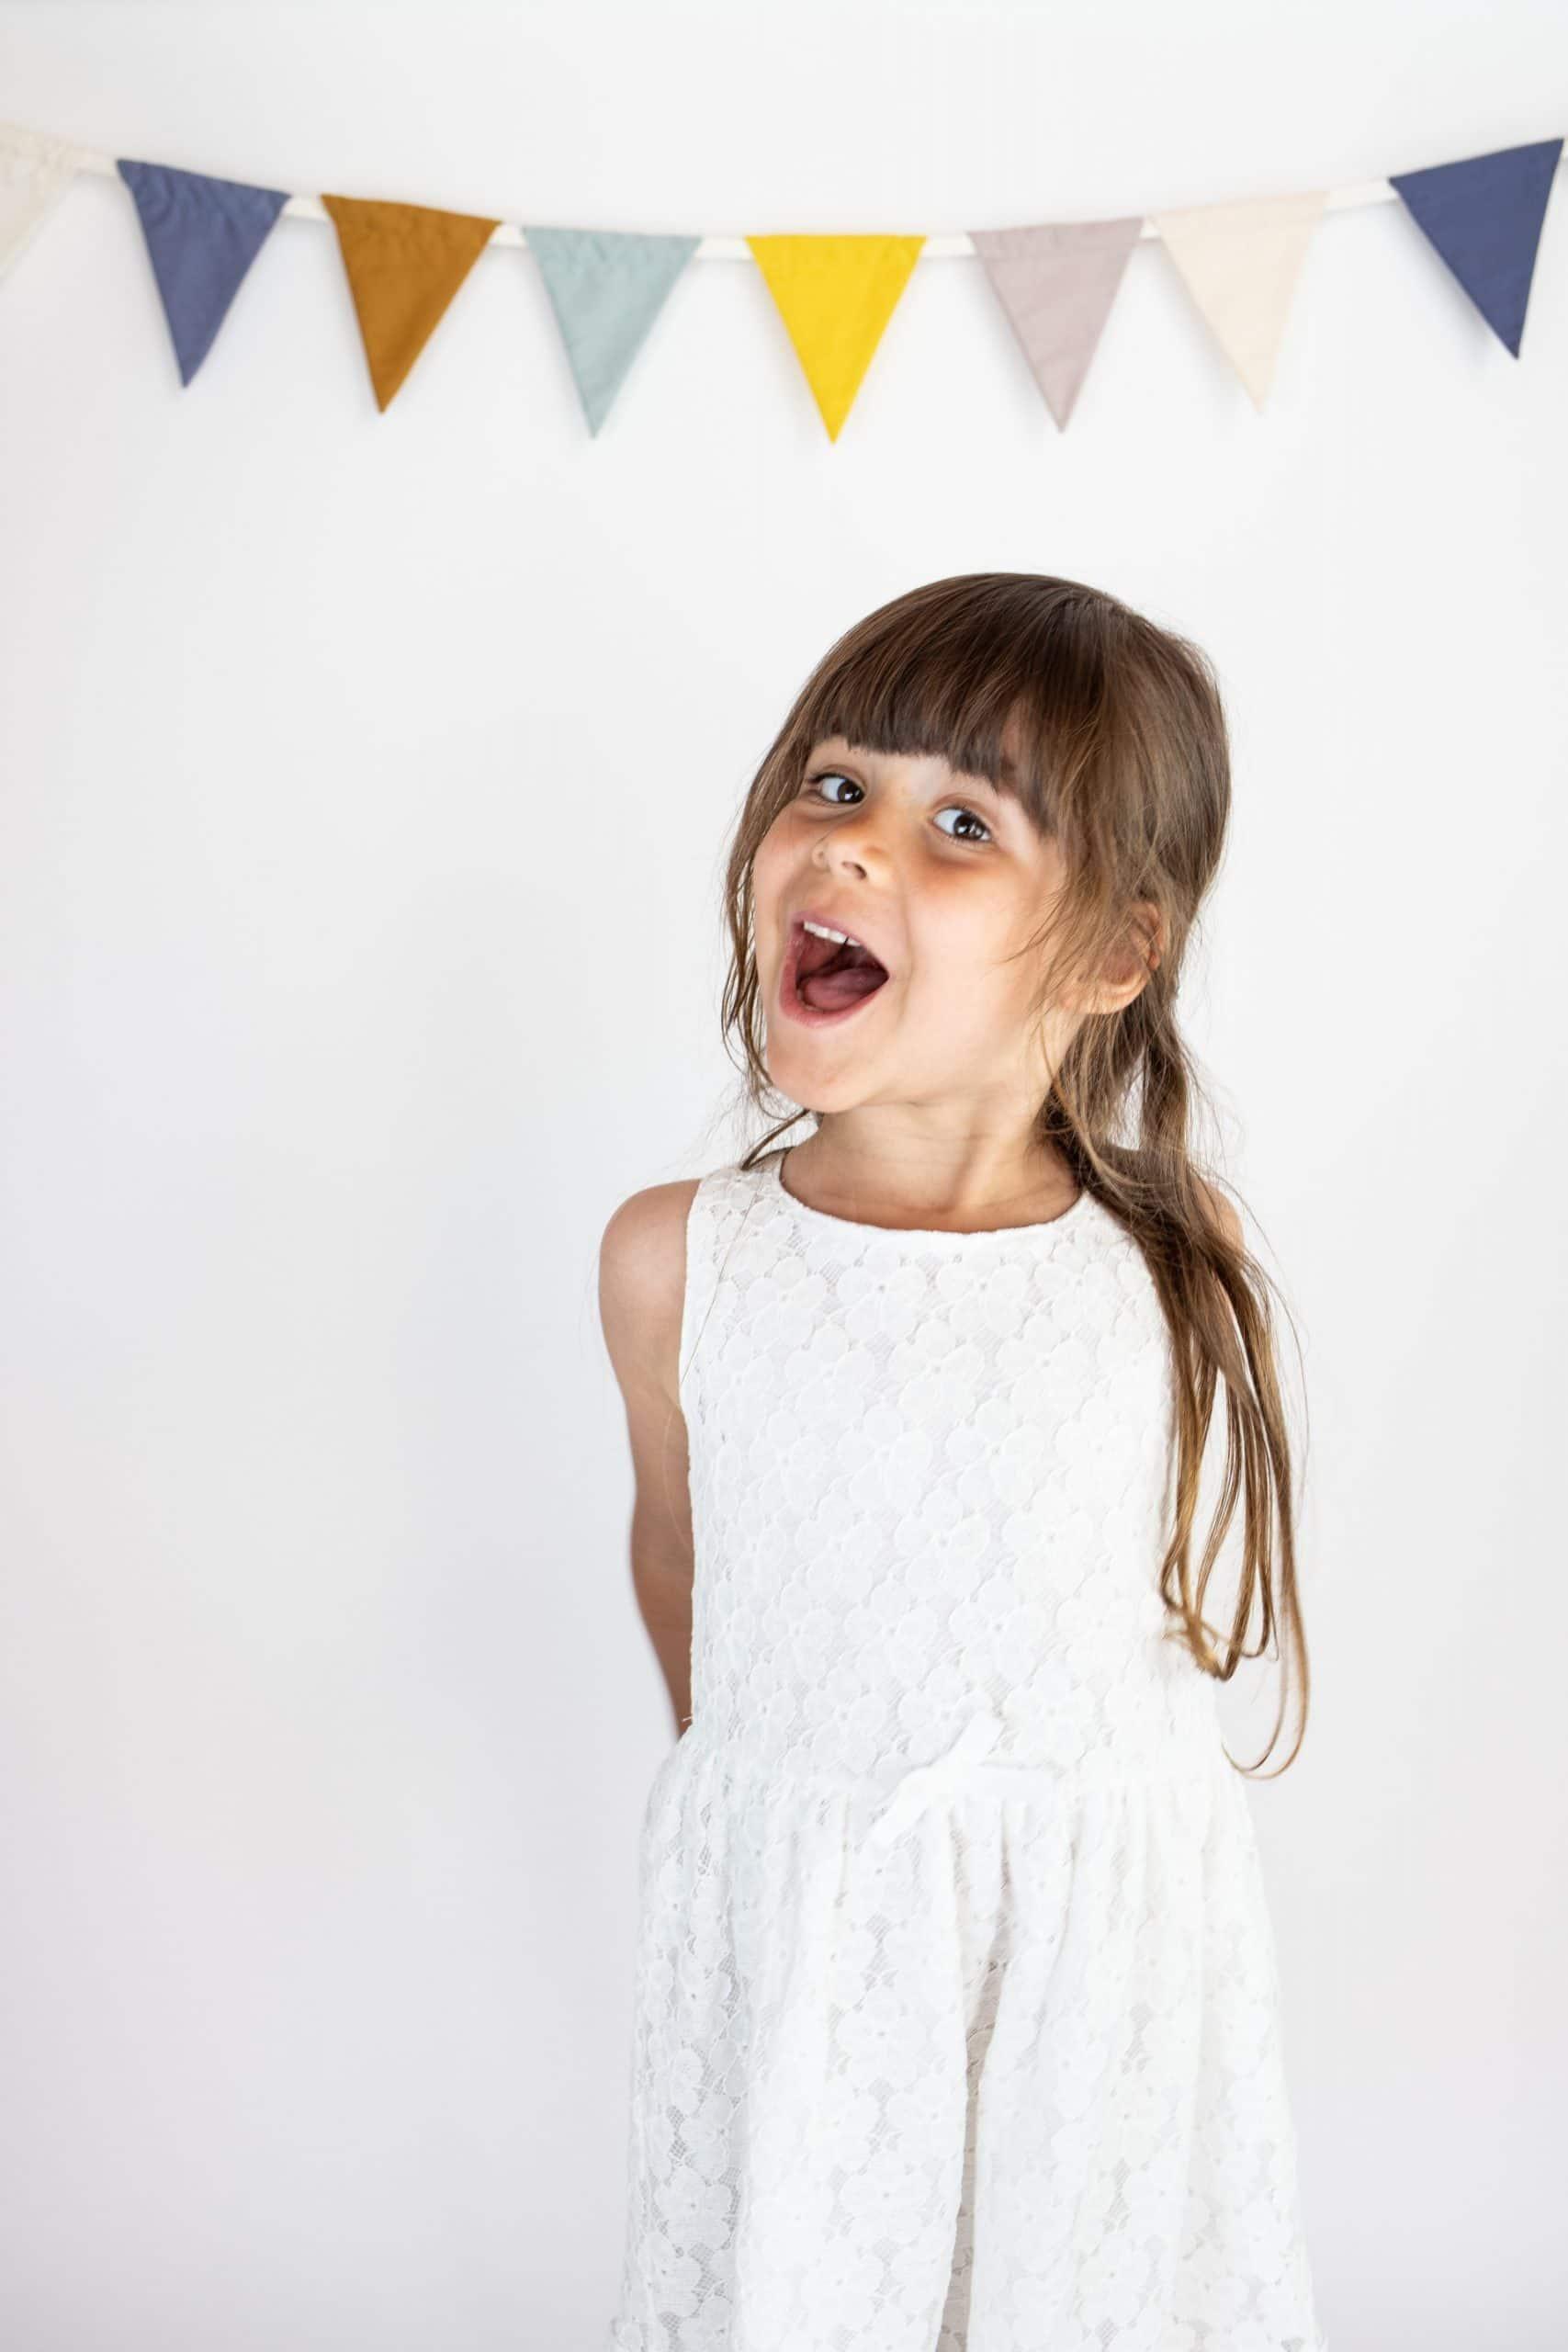 320-jennimachtfotos-Kinderbilder-Iz5UBbYZ